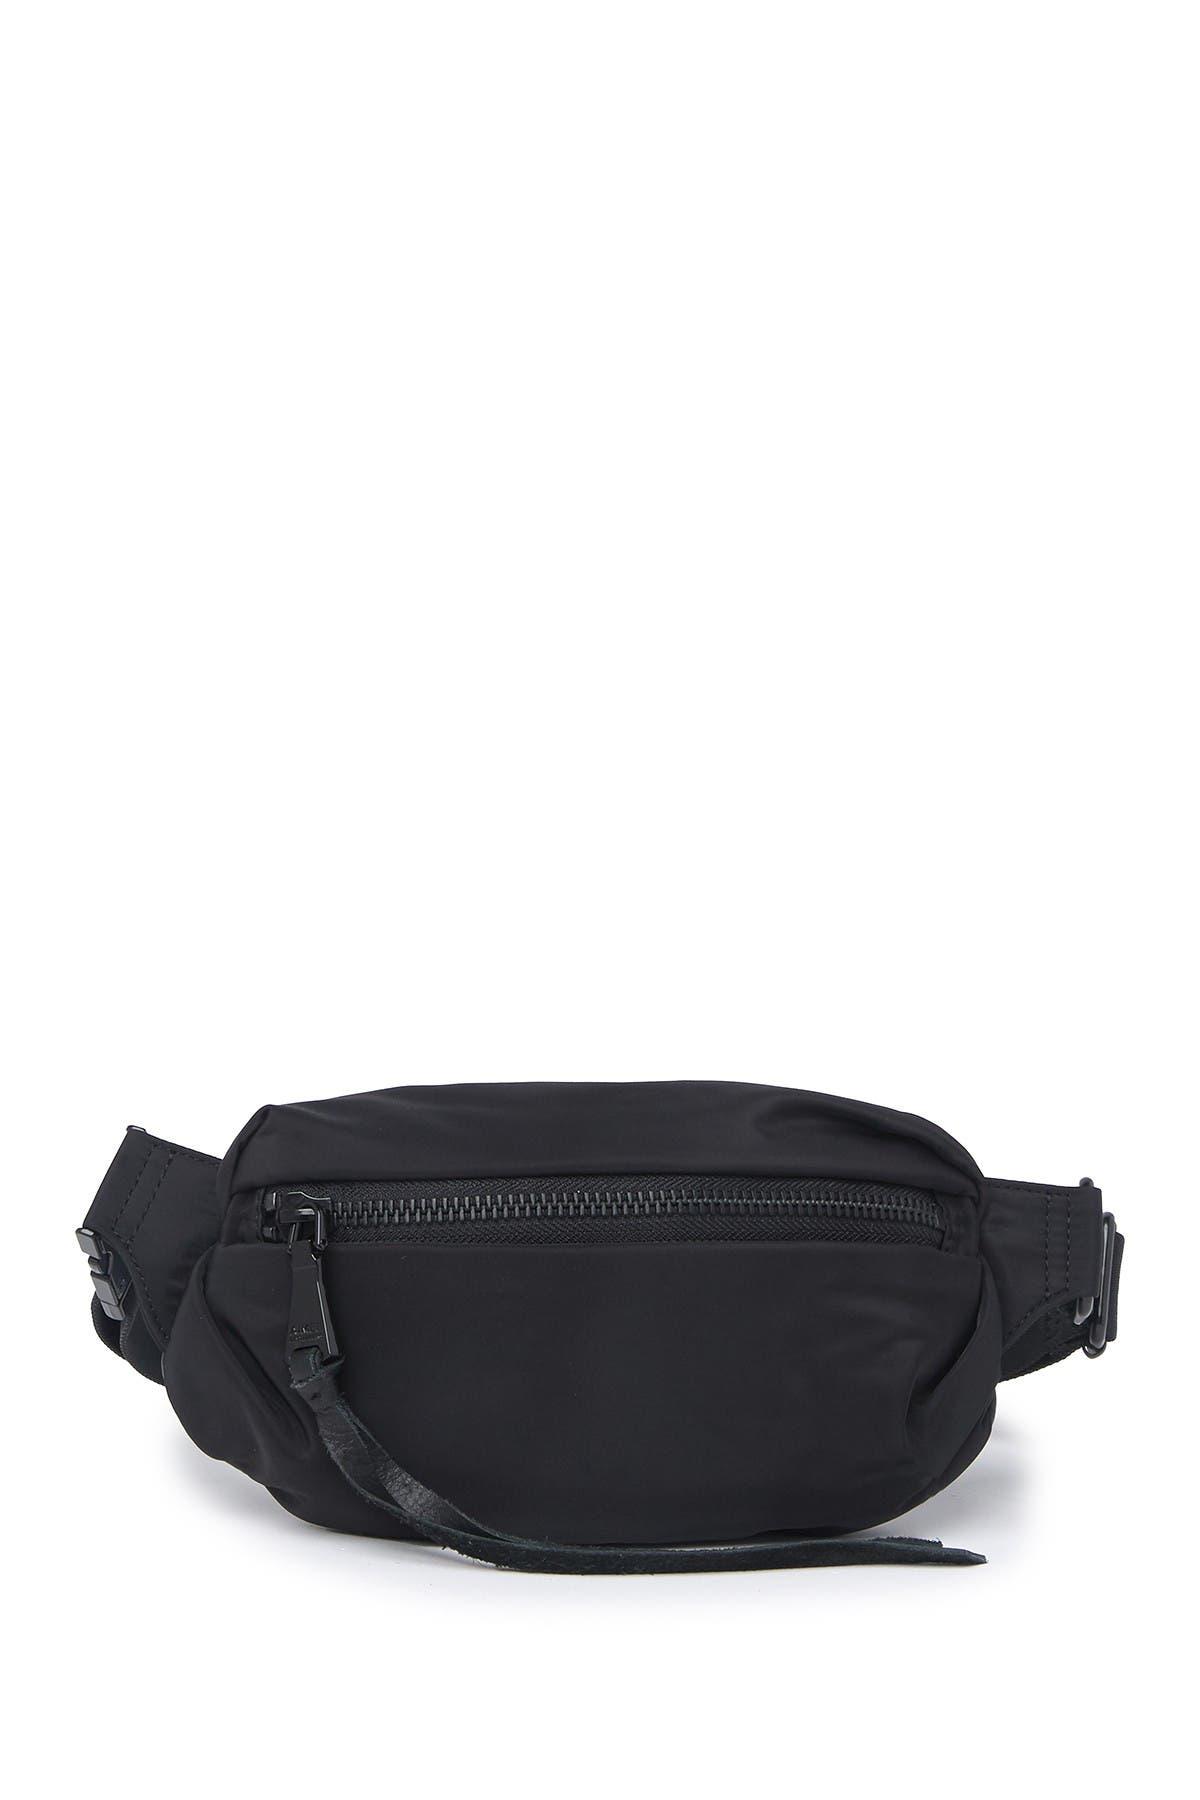 Image of Aimee Kestenberg Milan Genuine Calf Hair Belt Bag